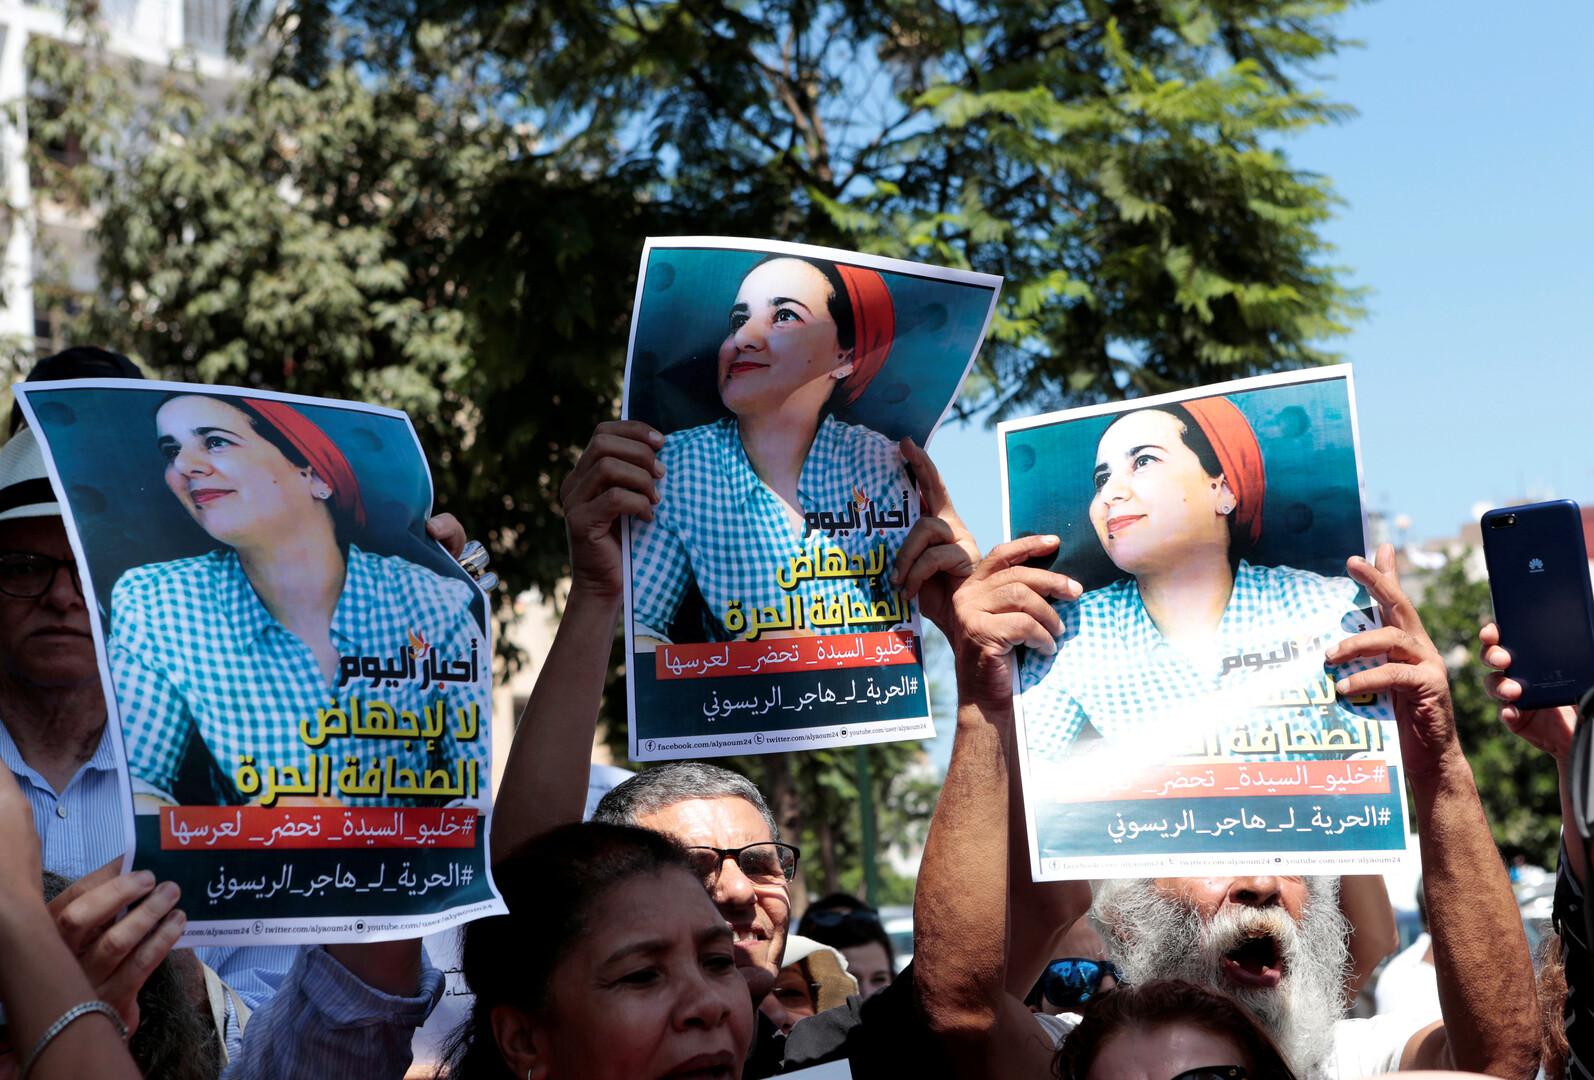 محكمة مغربية تقضي بحبس وتغريم الصحفية هاجر الريسوني